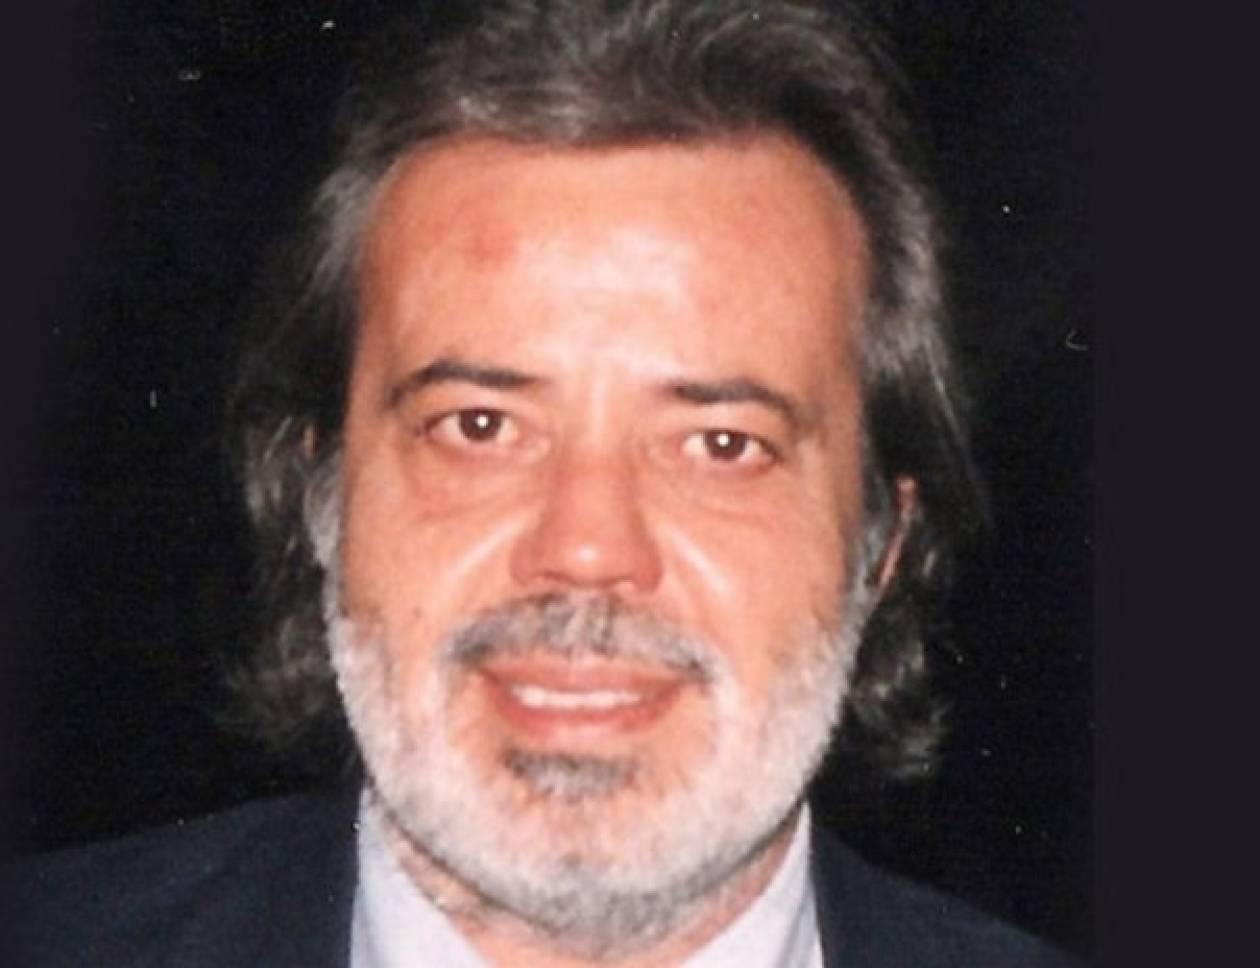 «Έφυγε» ο δημοσιογράφος Νίκος Αλιβιζάτος